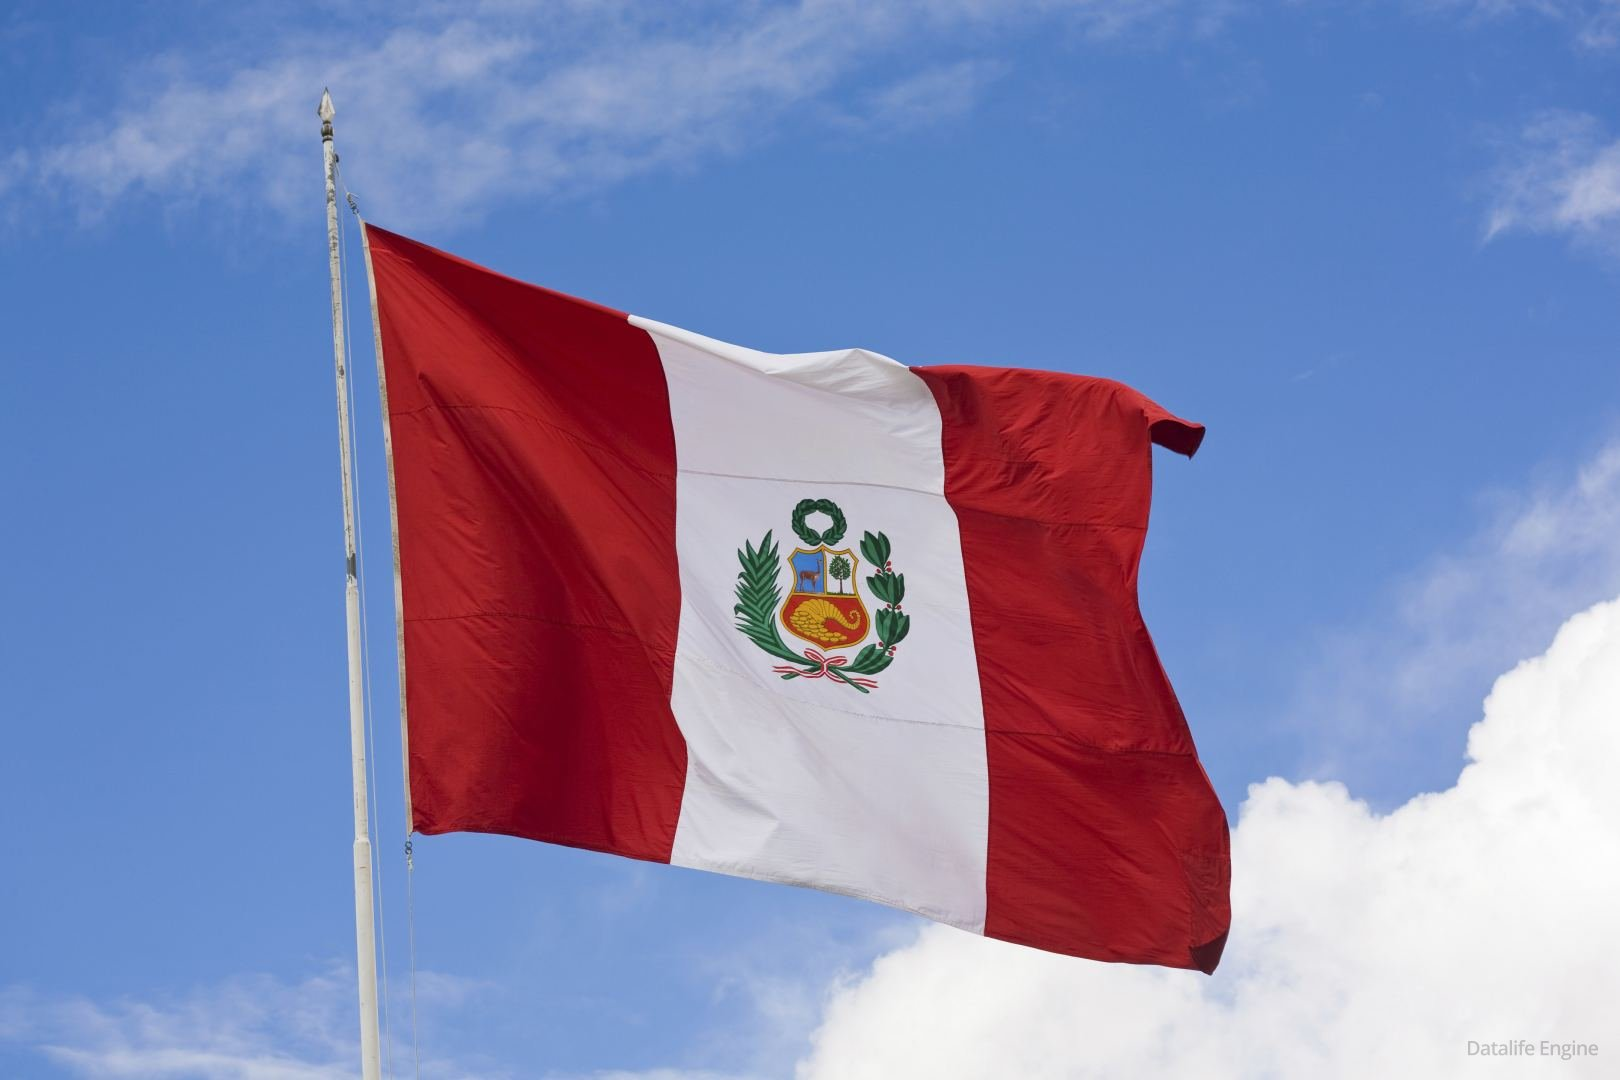 Peru prezidentlərinə səlahiyyətləri bitdikdən sonra bir il ölkədən çıxmaq qadağan edildi